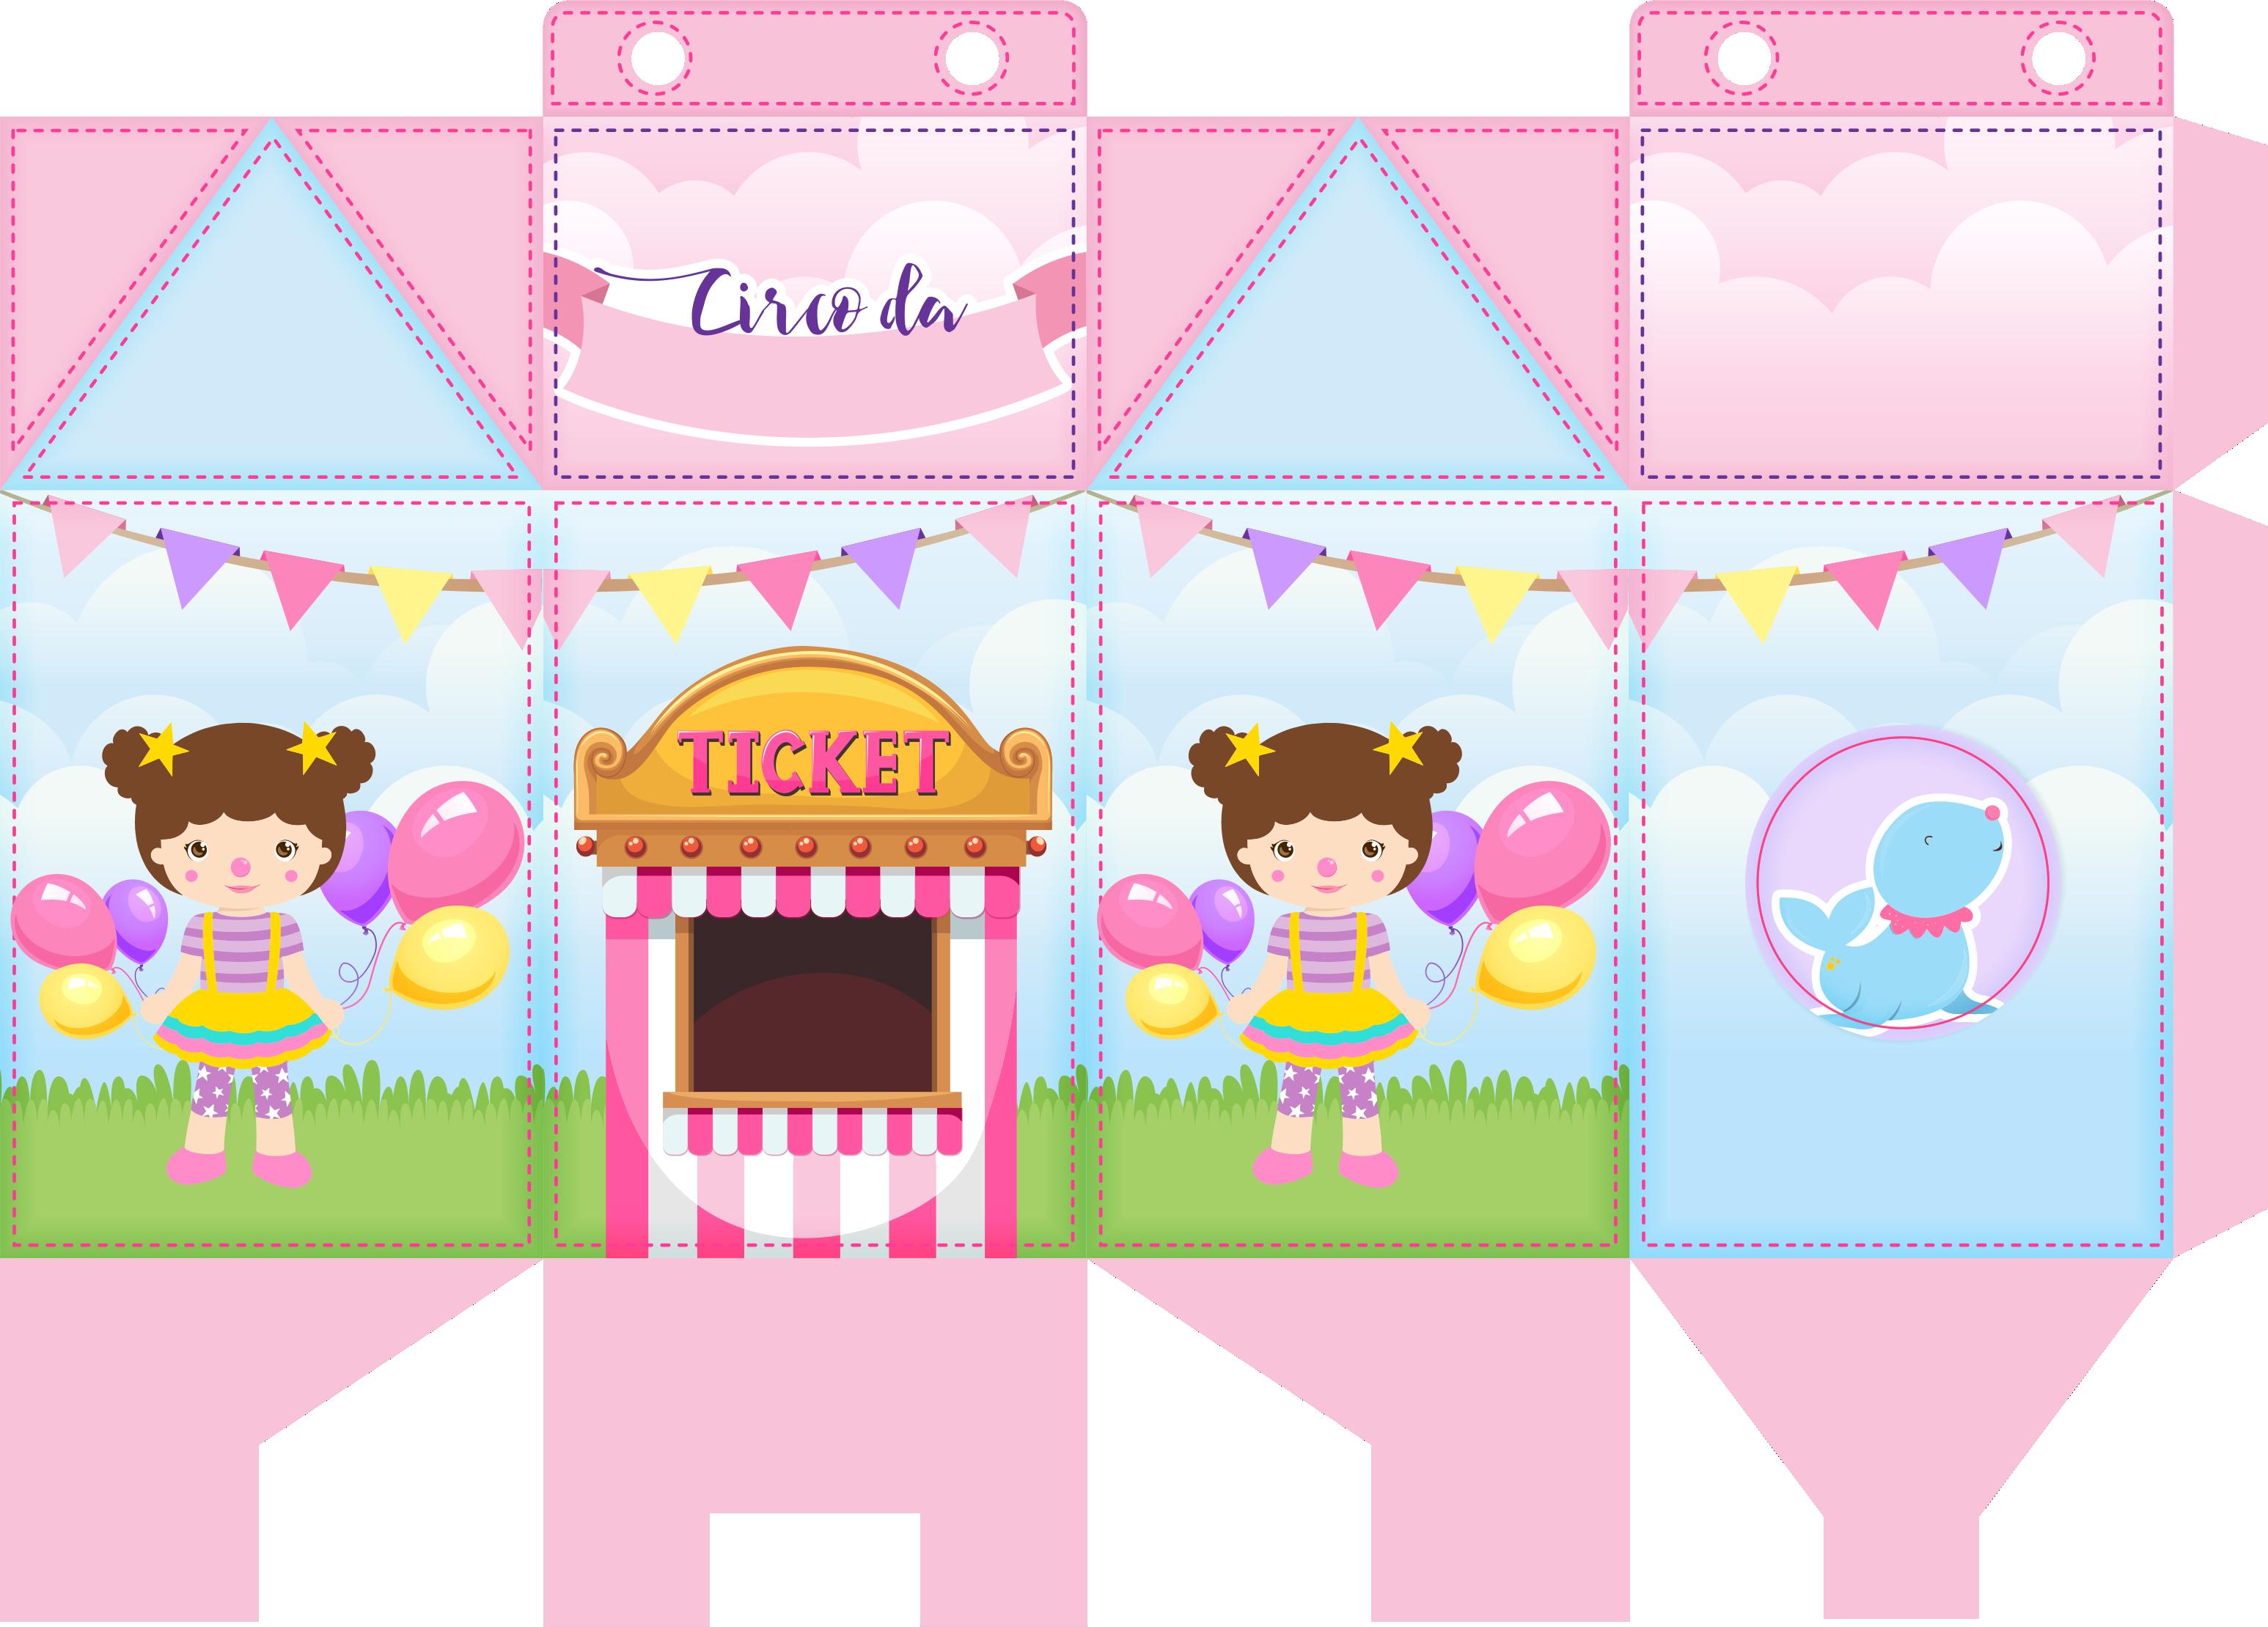 caixa milk bailarina circo rosa 1